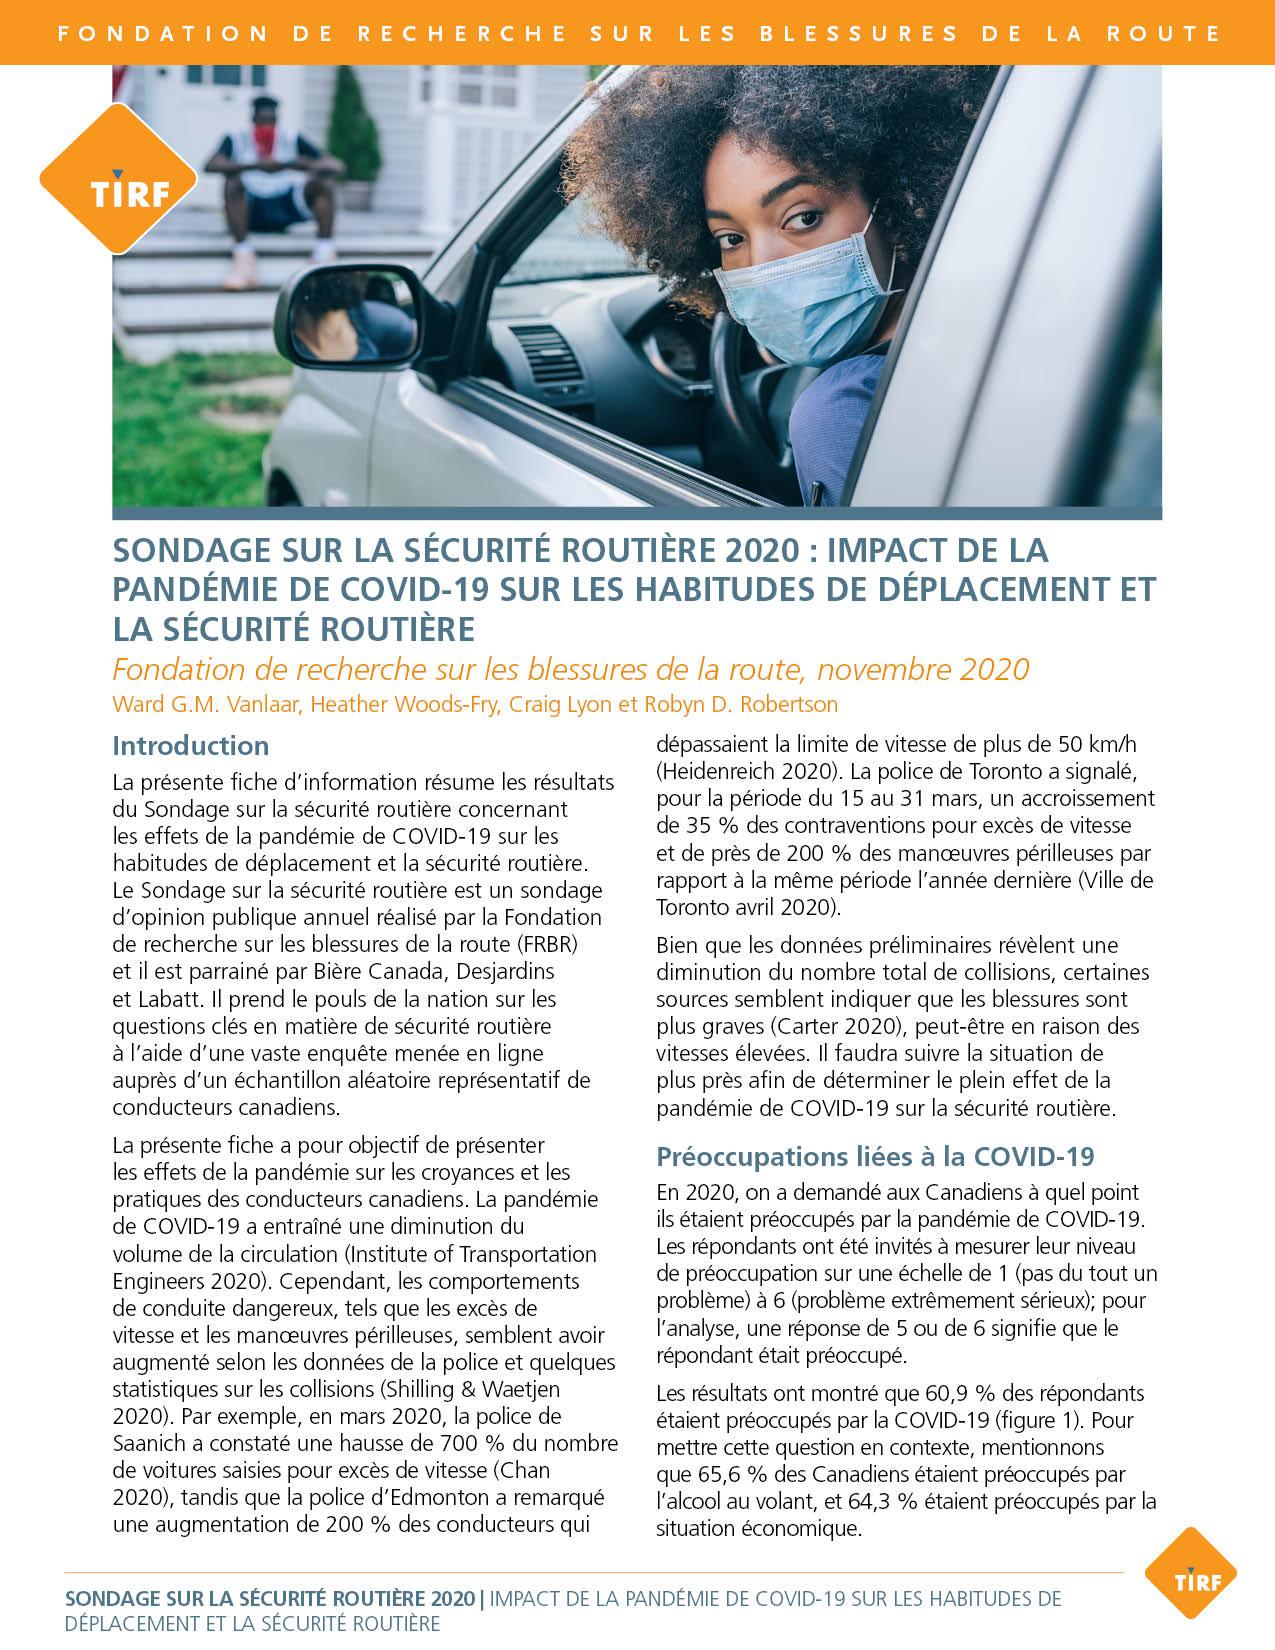 Sondage sur la sécurité routière 2020 : L'impact de la pandémie COVID-19 sur les habitudes de déplacement et la sécurité routière